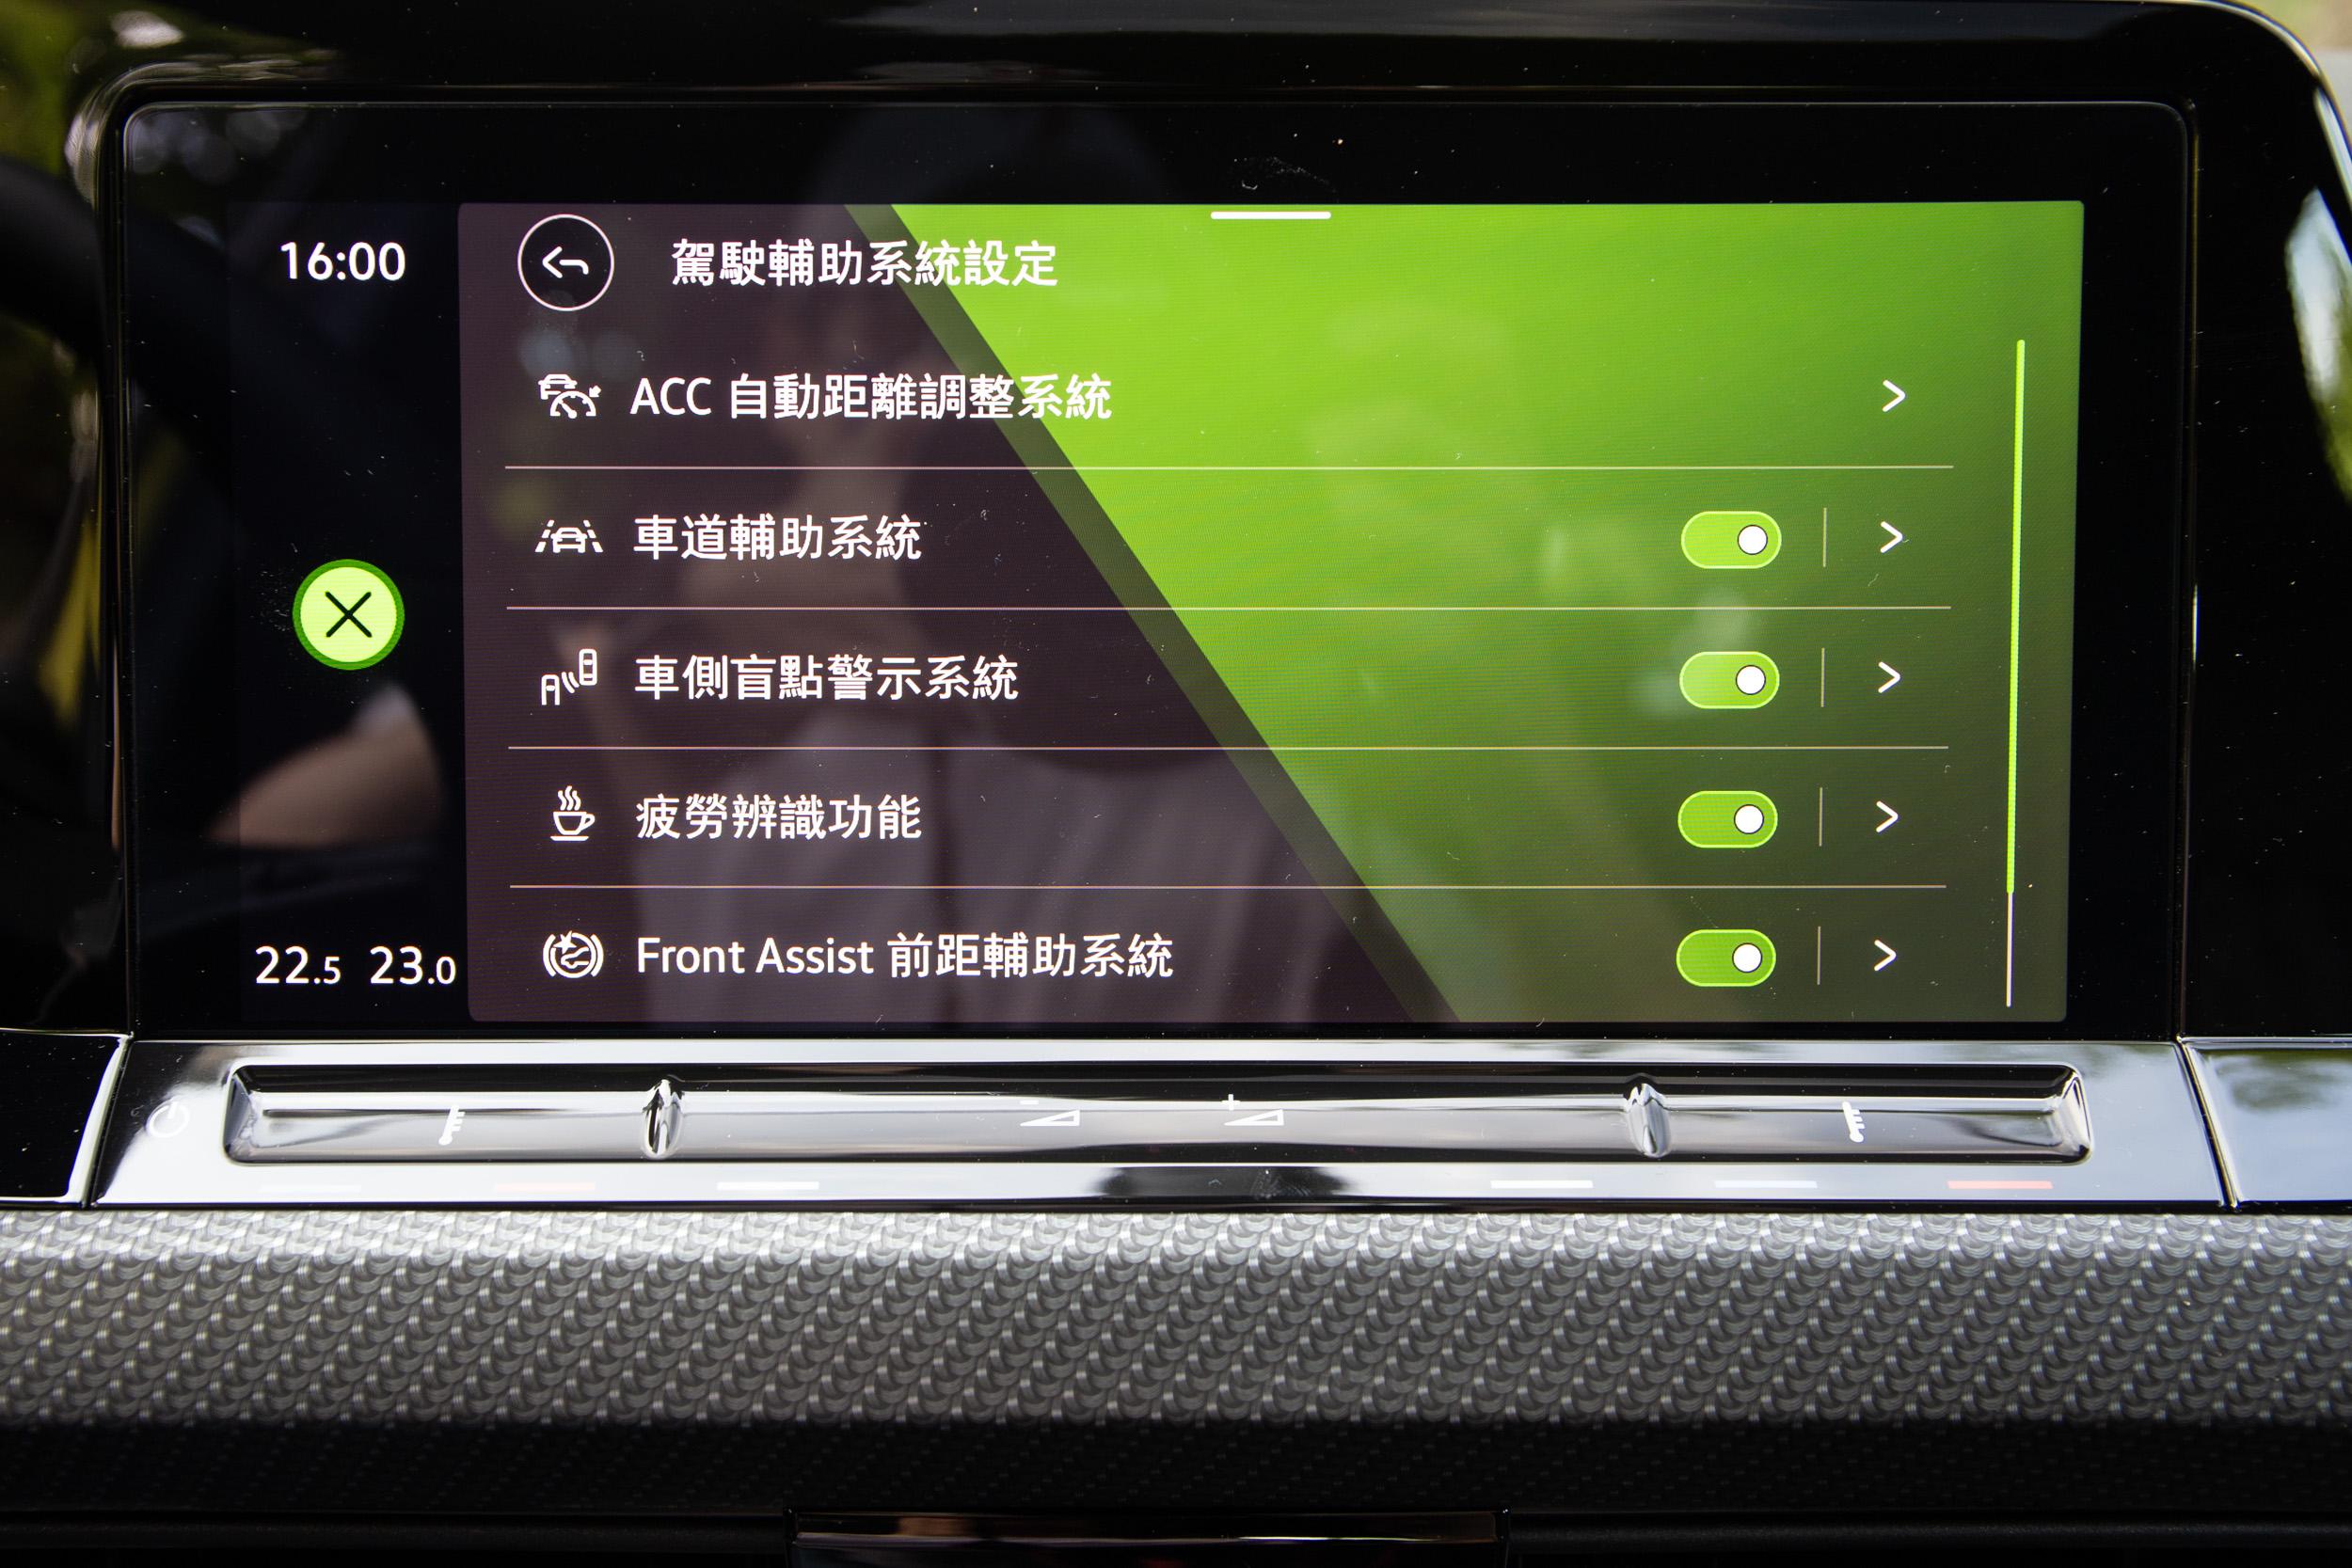 等同自動駕駛功能 Level 2 等級的IQ.DRIVE智能駕駛輔助系統為 230 eTSI 智能特仕版車型以上標配。